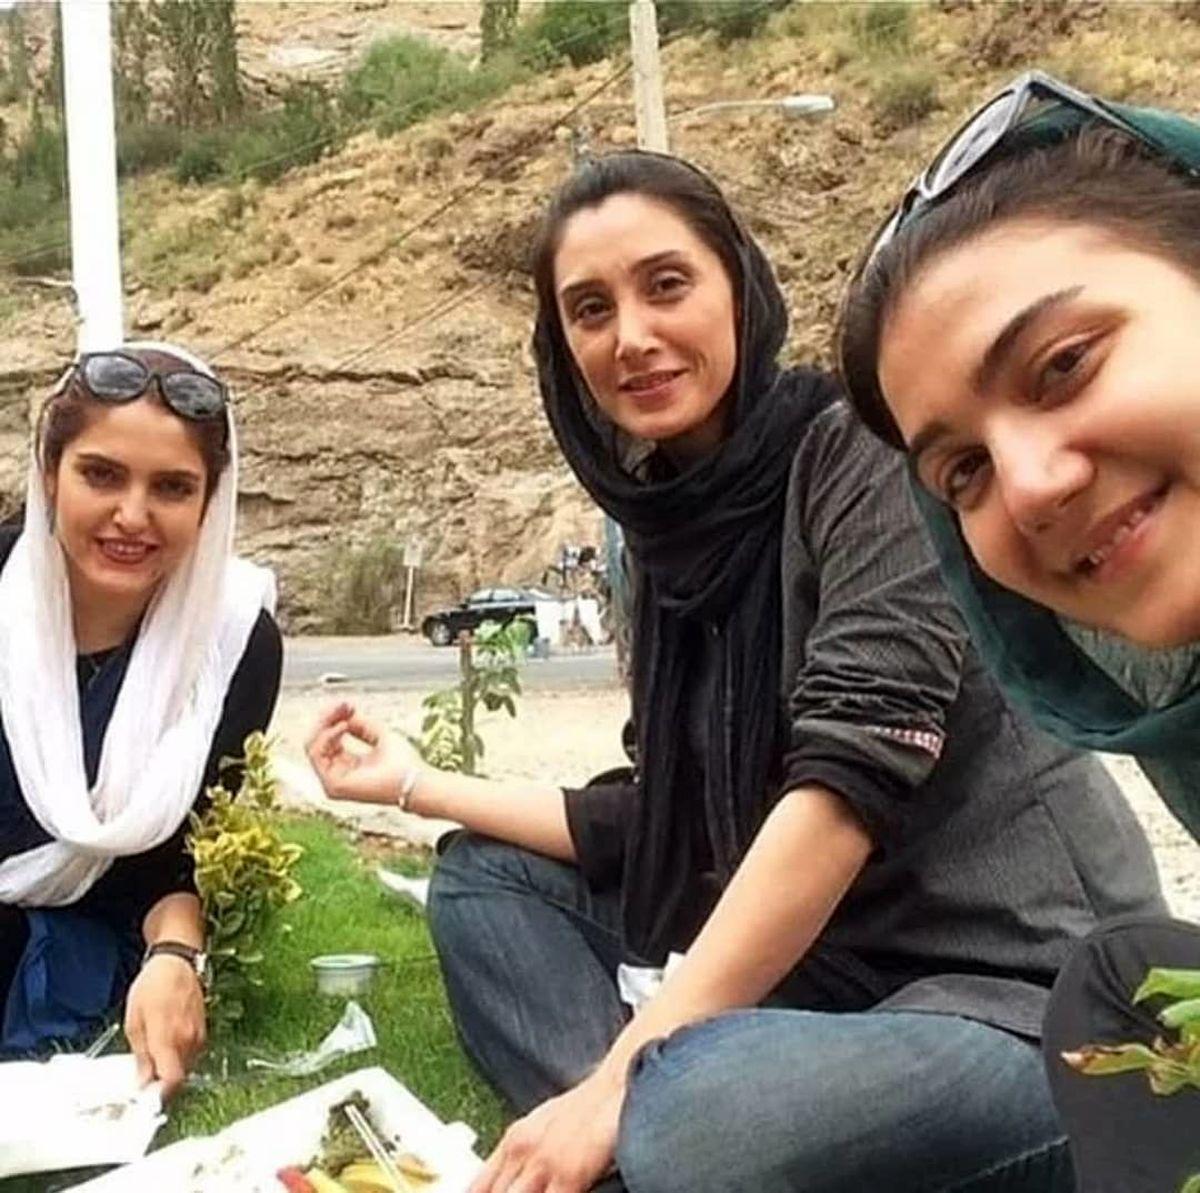 هدیه تهرانی در پارک دست های خود را عریان کرد+ عکس